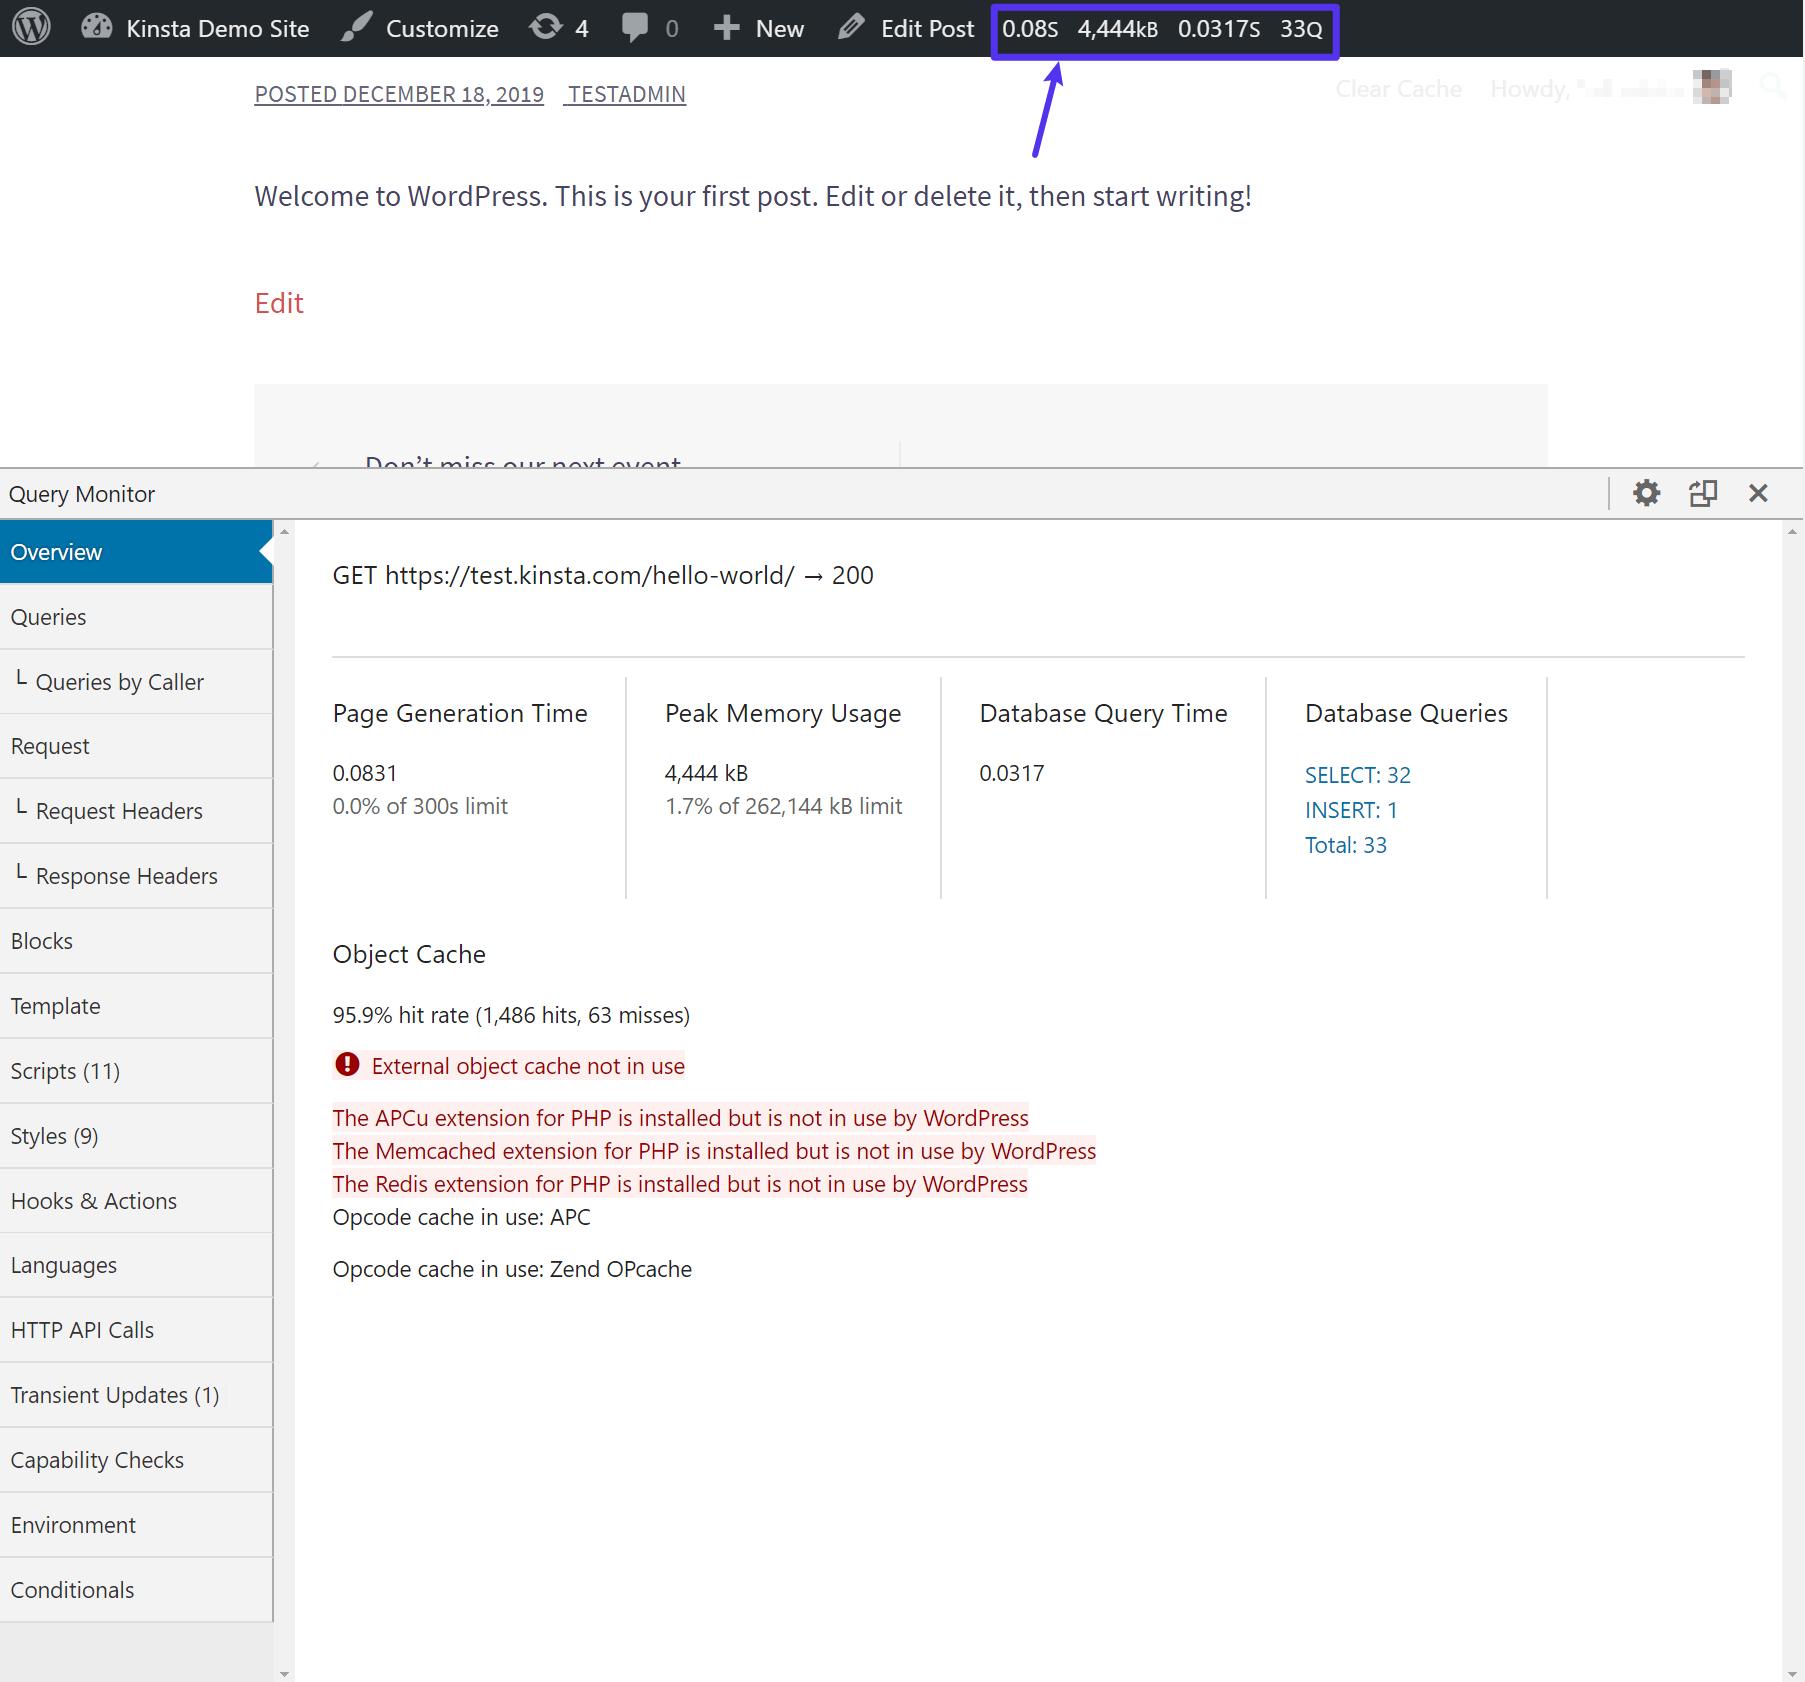 Das Query Monitor Plugin